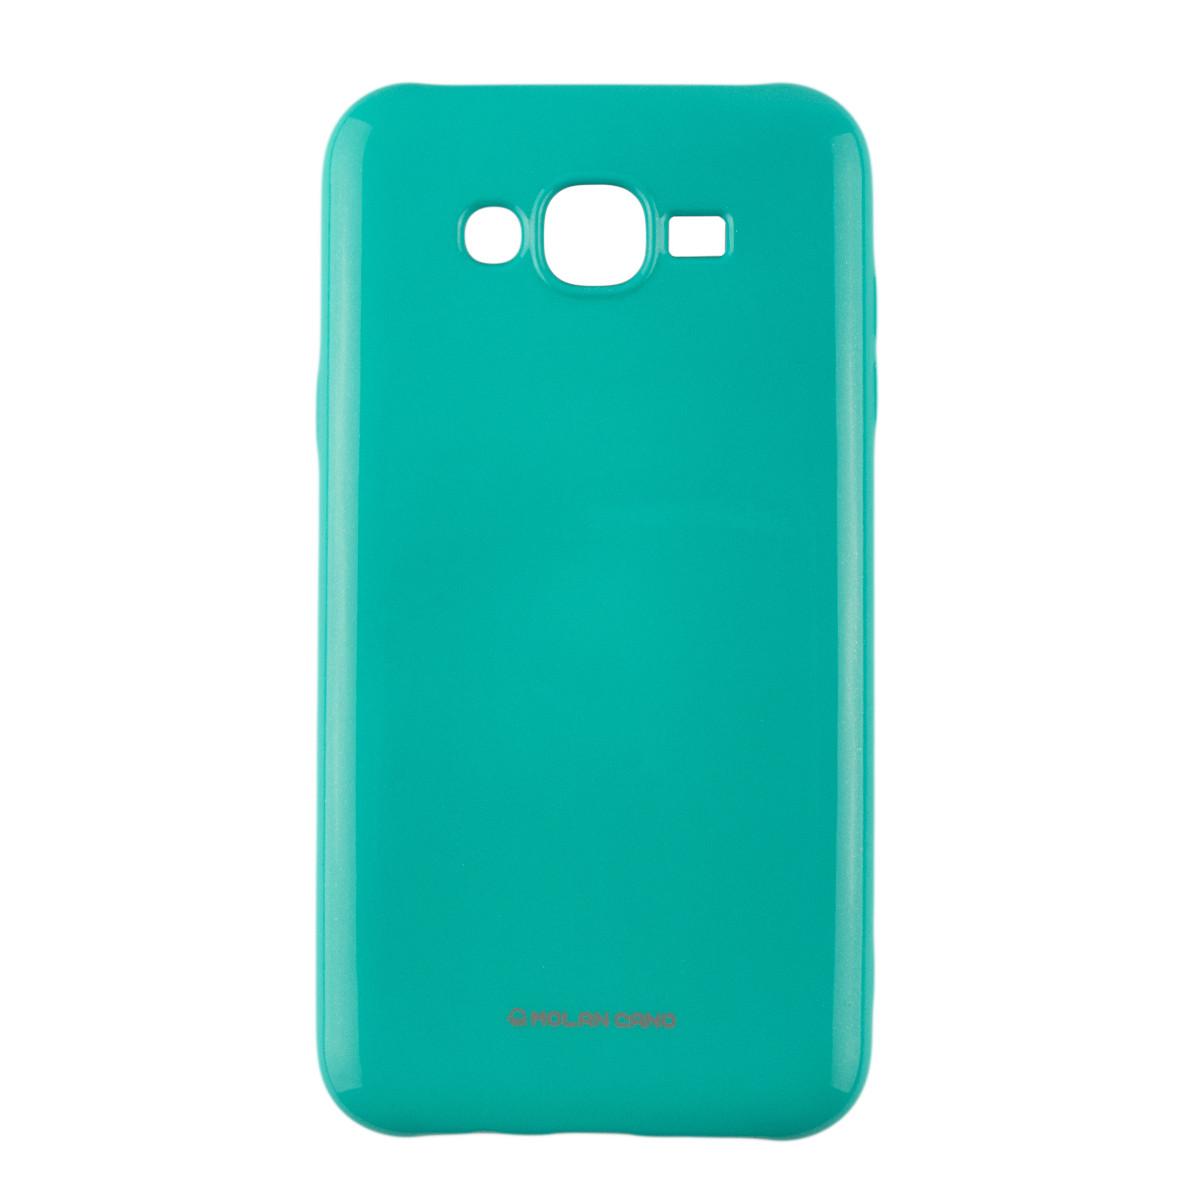 Оригинальный глянцевый чехол с микро-блеском Molan Cano Jelly Case для Samsung Galaxy J7 Neo (j701) (бирюза)